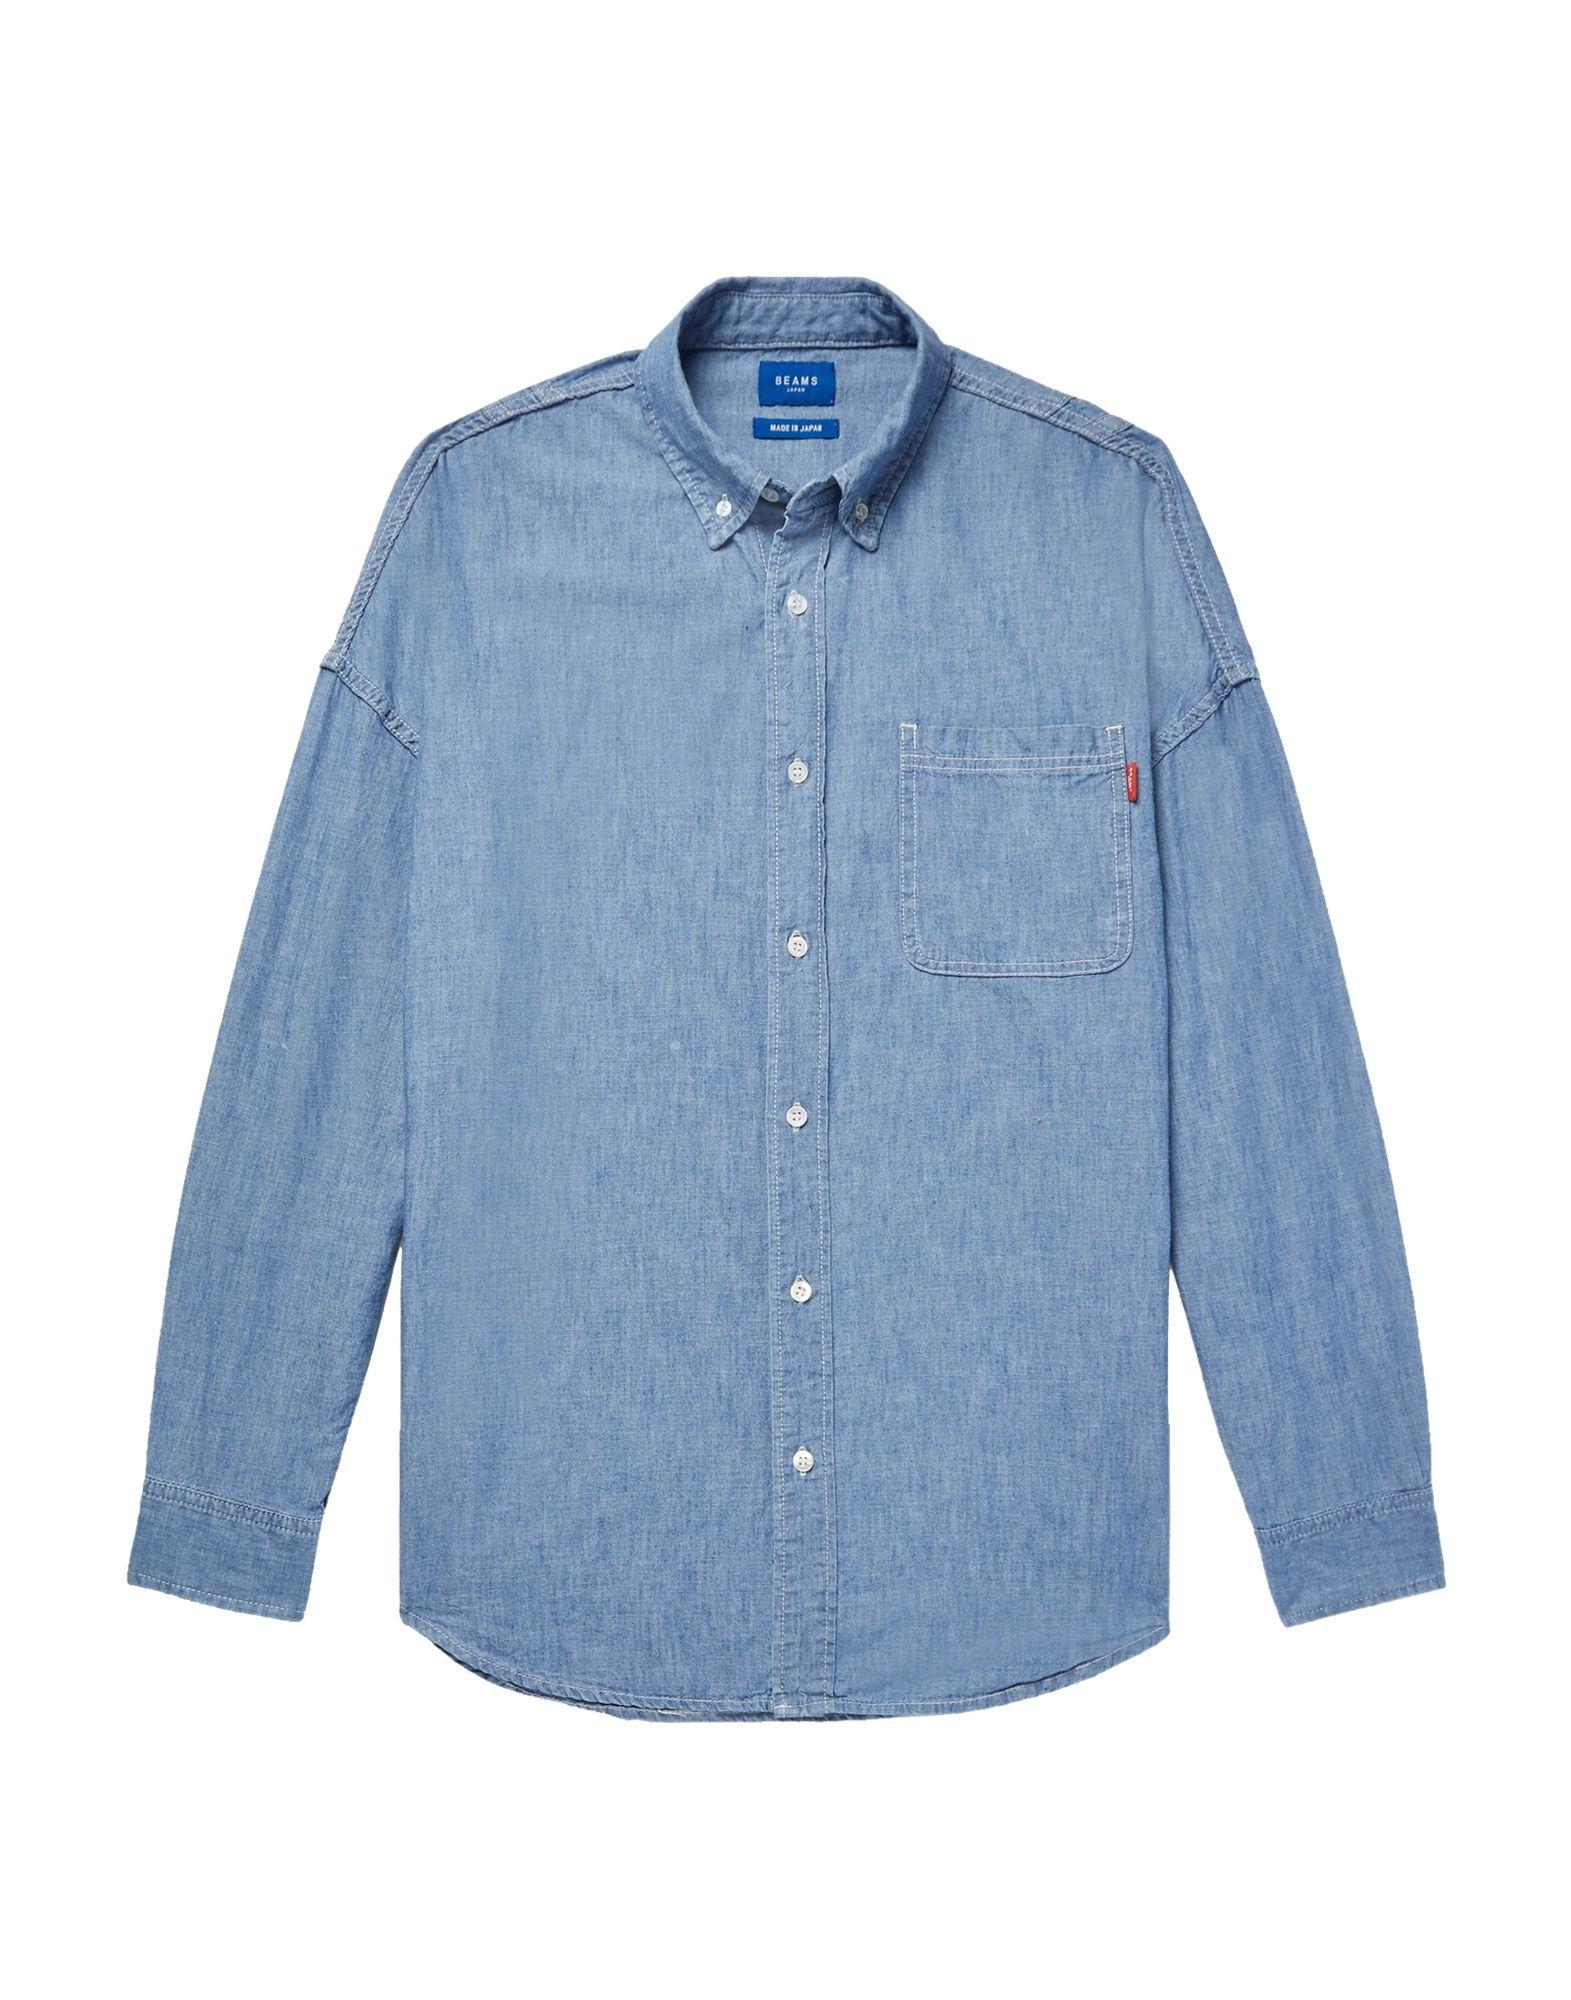 BEAMS Джинсовая рубашка